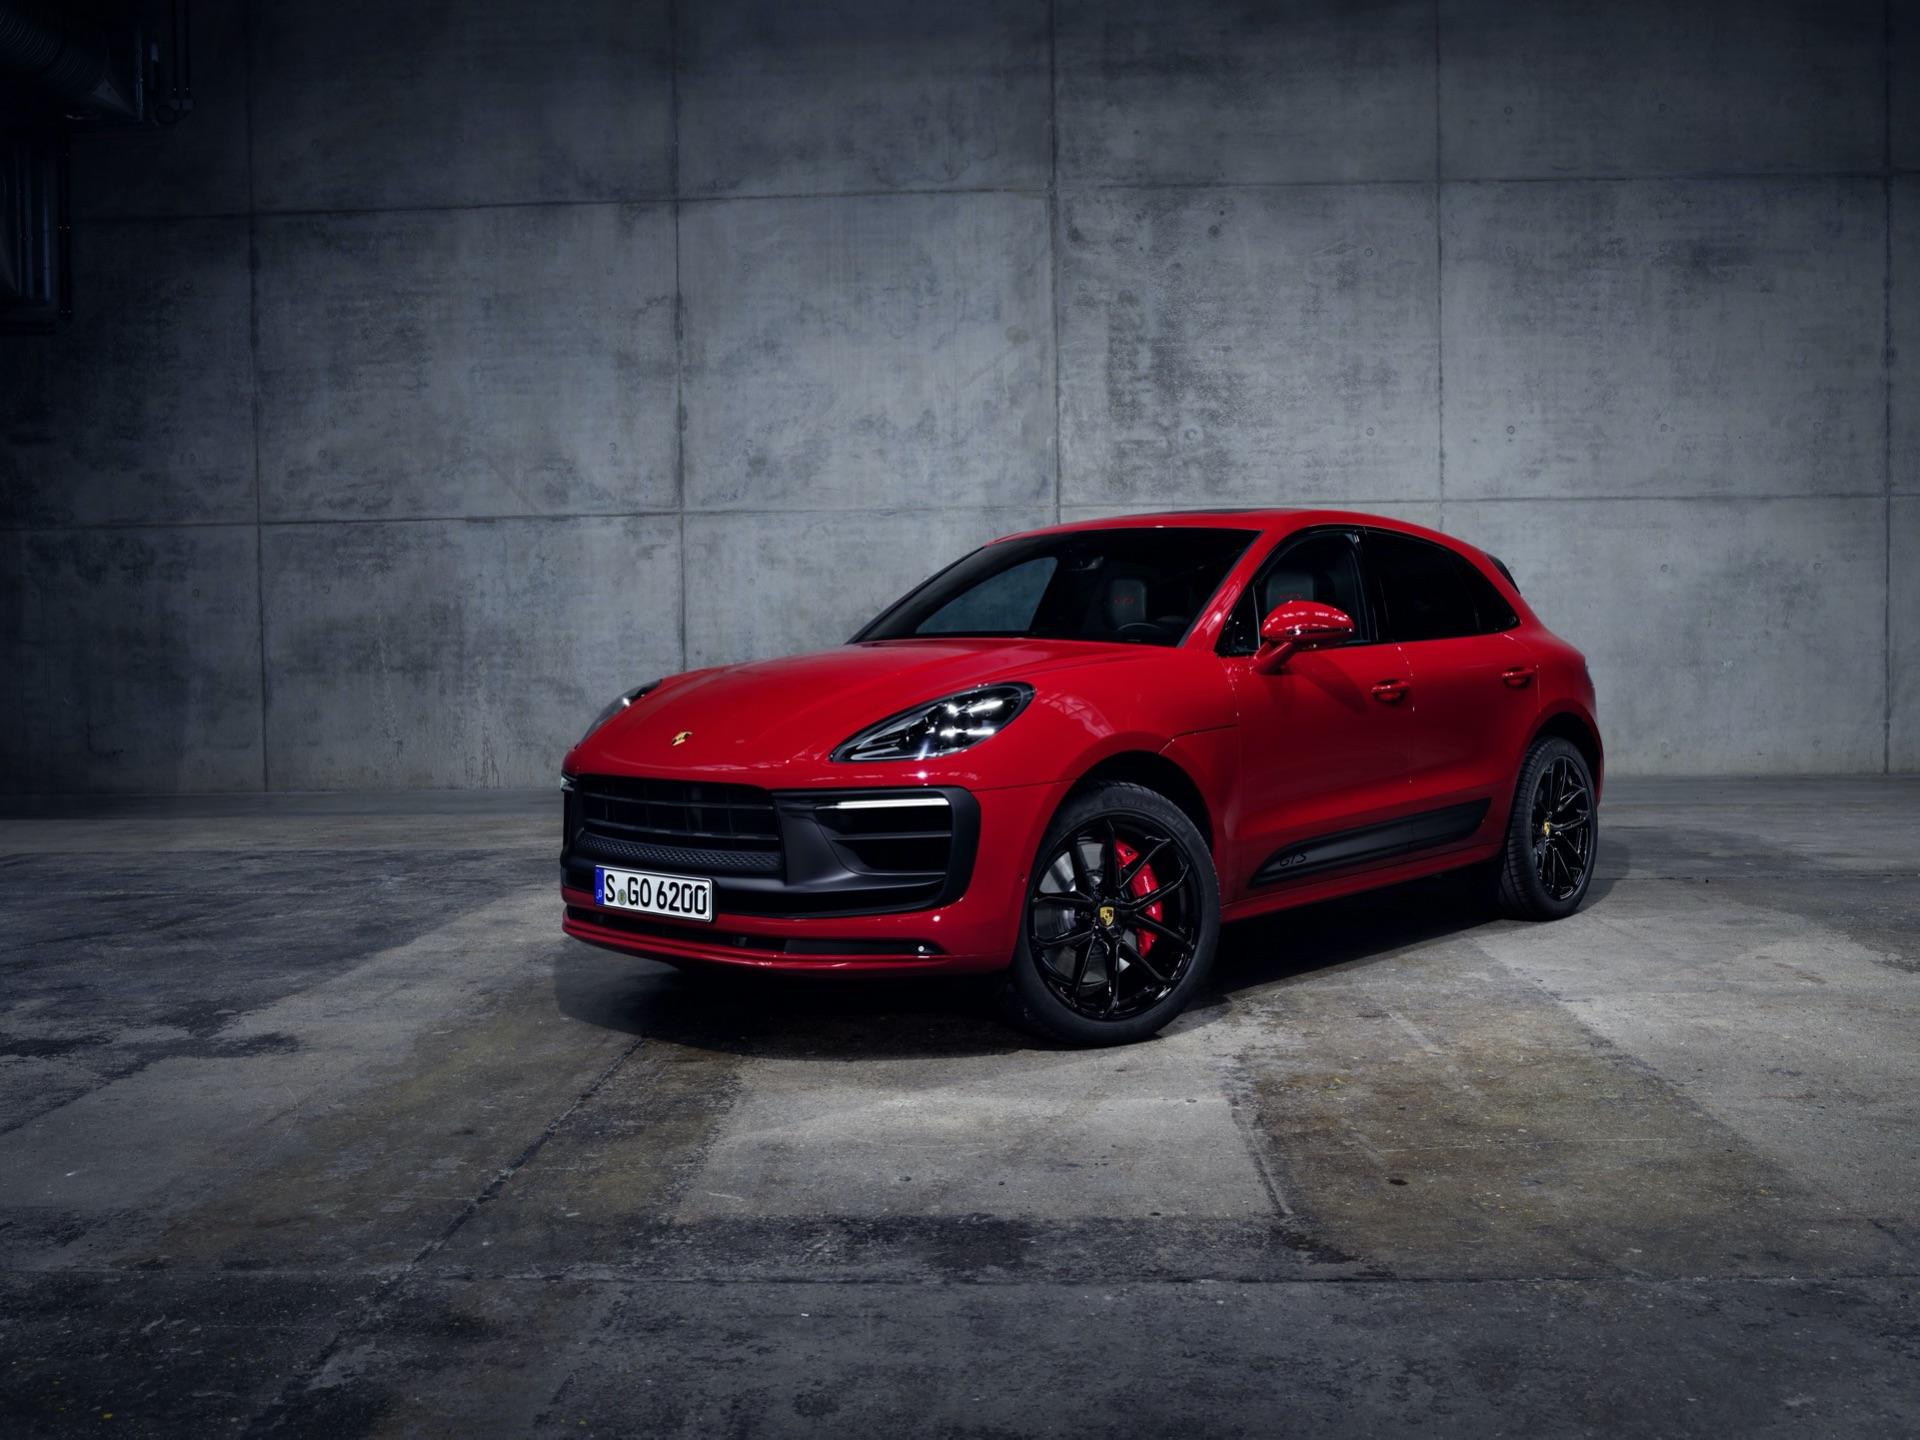 Porsche-Macan-Facelift-25